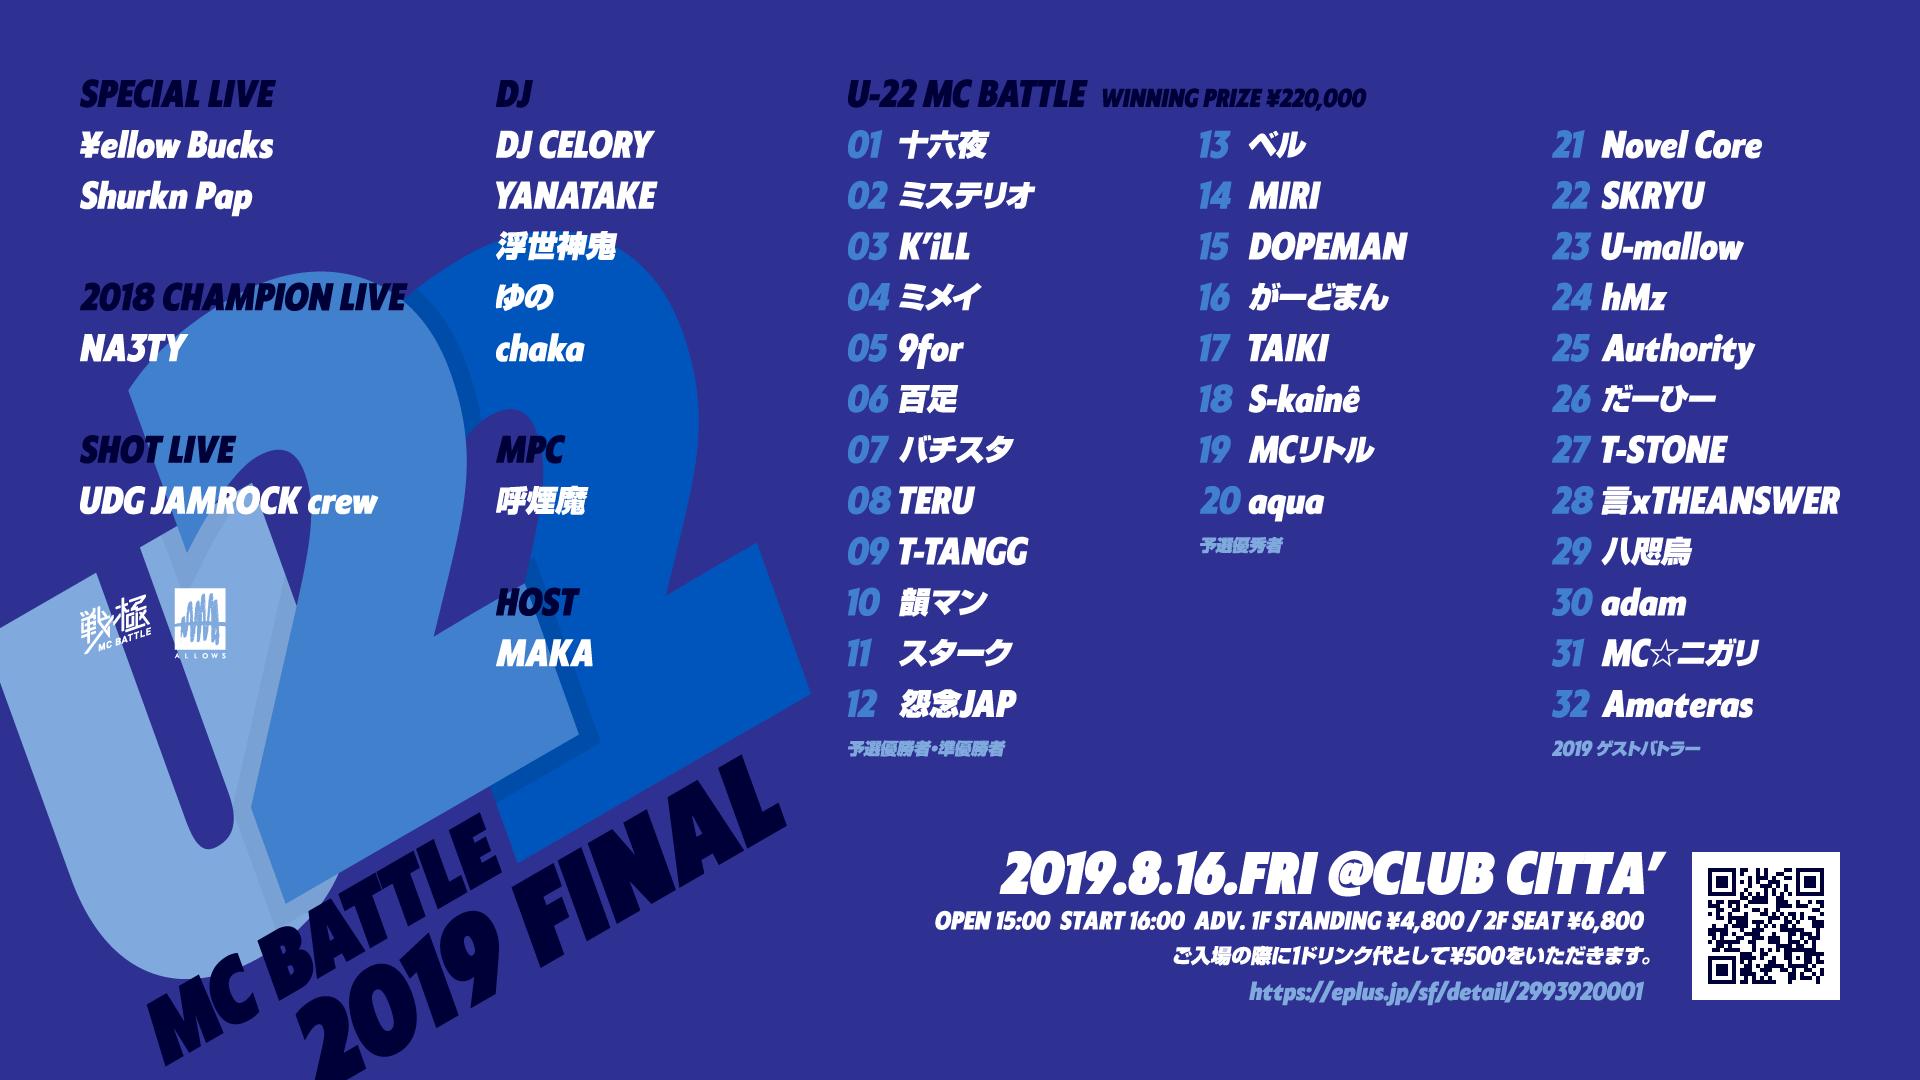 U-22 MCBATTLE 2019 FINAL タイムテーブル公開!_e0246863_20083904.png